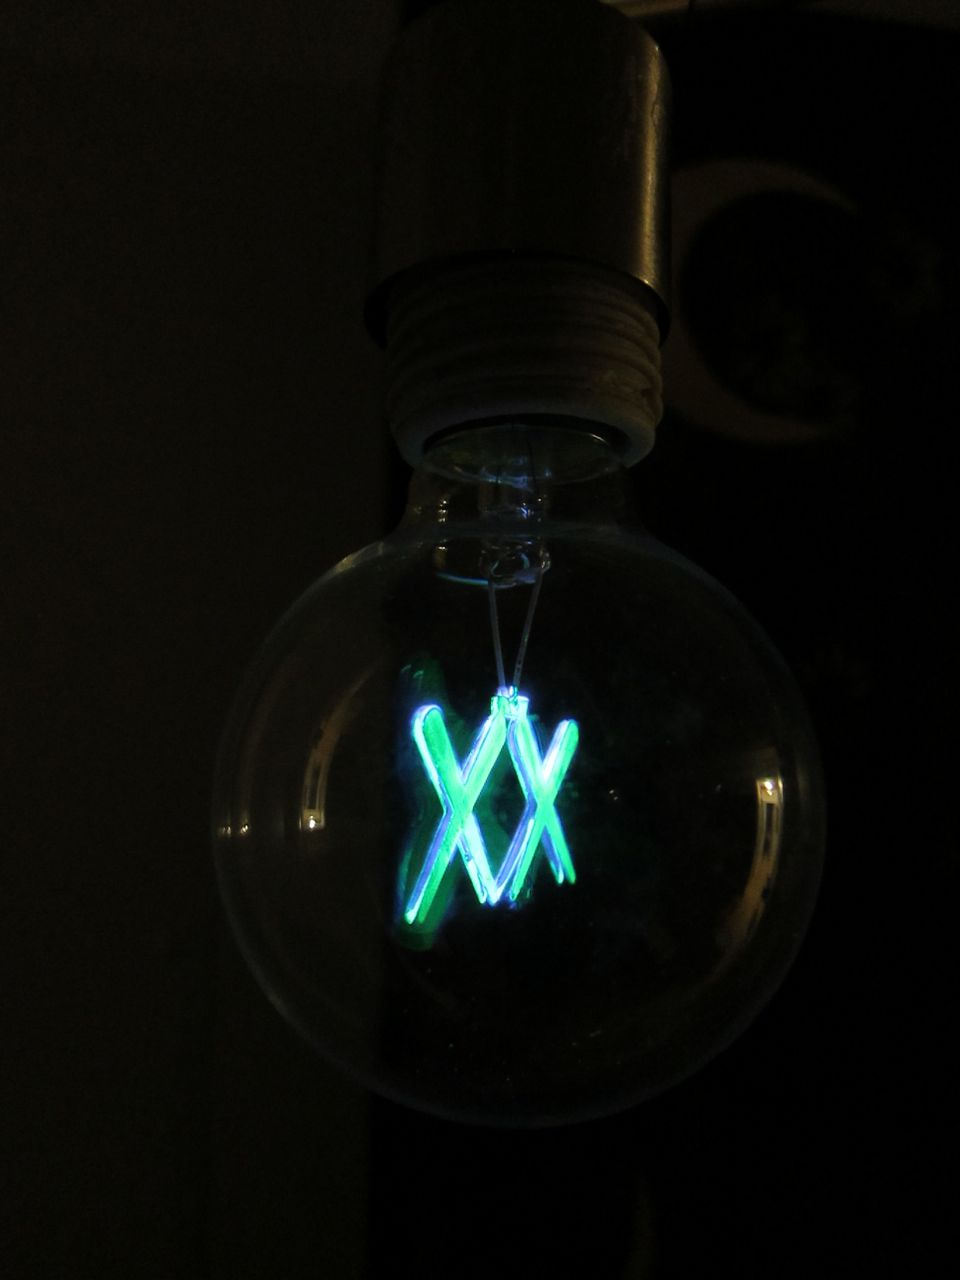 AM KAWS Standard Light Bulbs 11